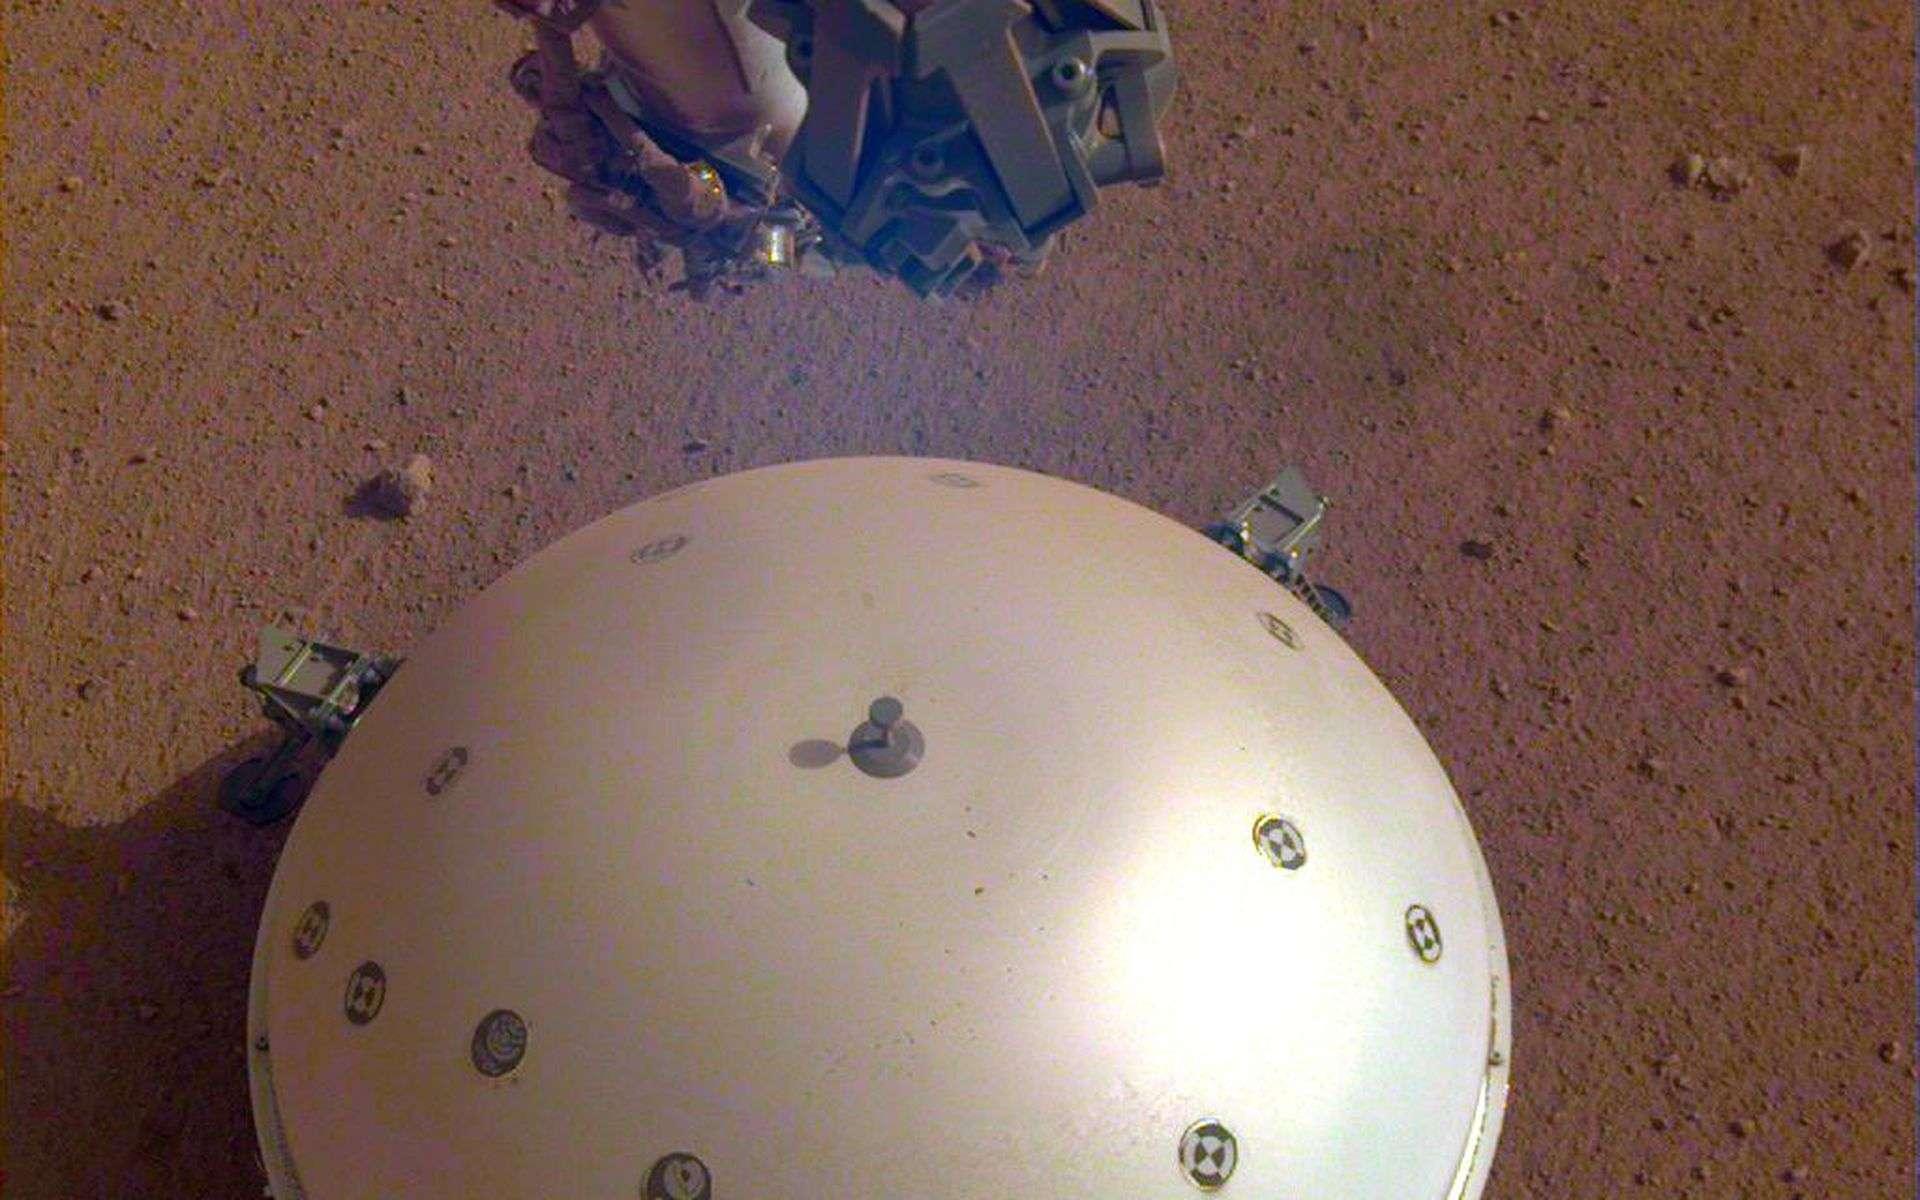 Le sismomètre français Seis posé sur le sol de Mars. © Nasa, JPL-Caltech